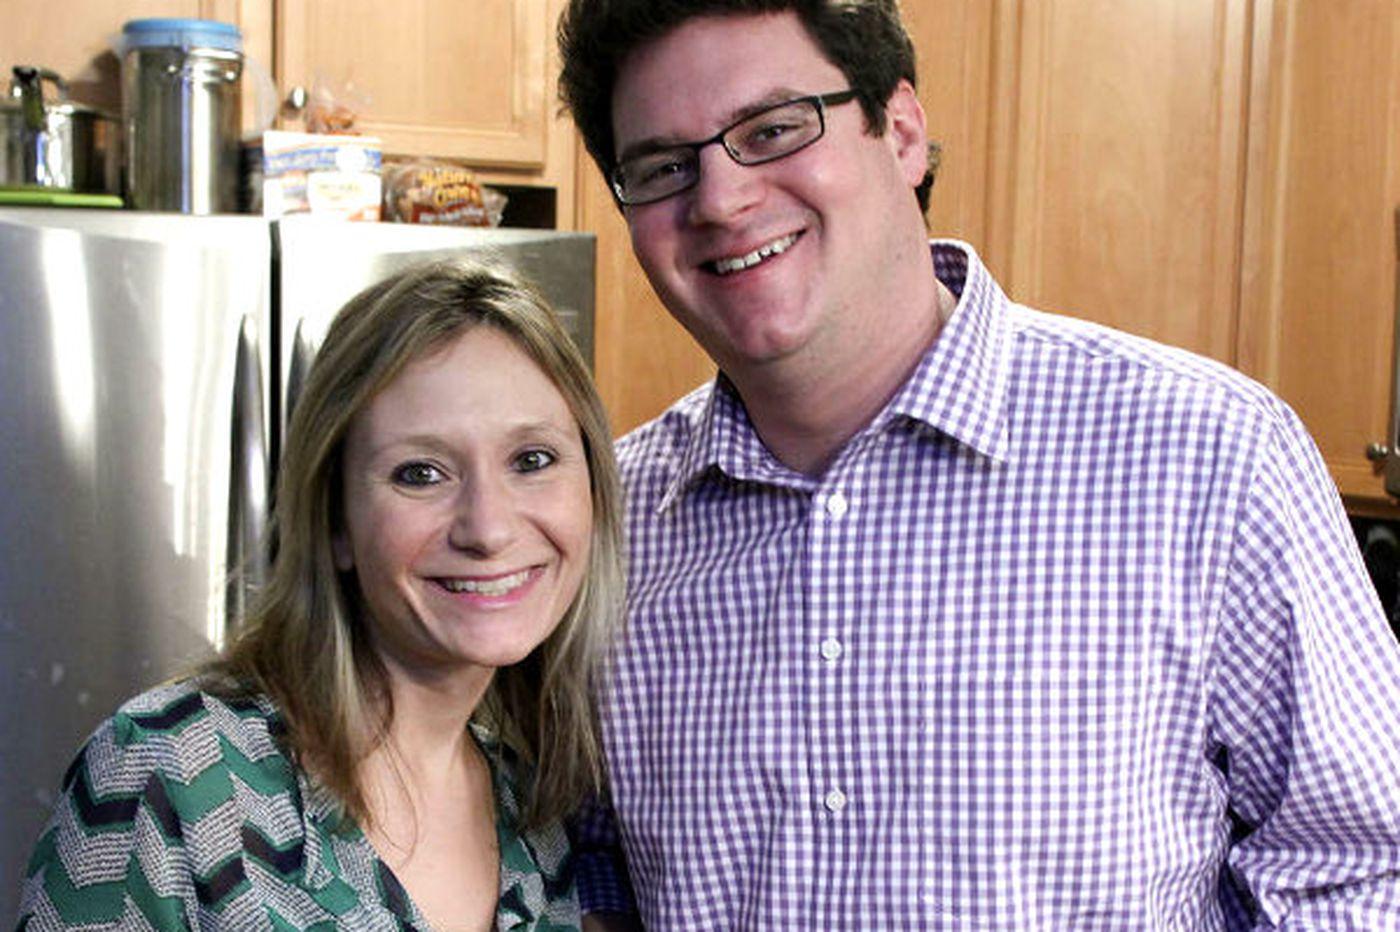 Montco attorney finds recipe for love